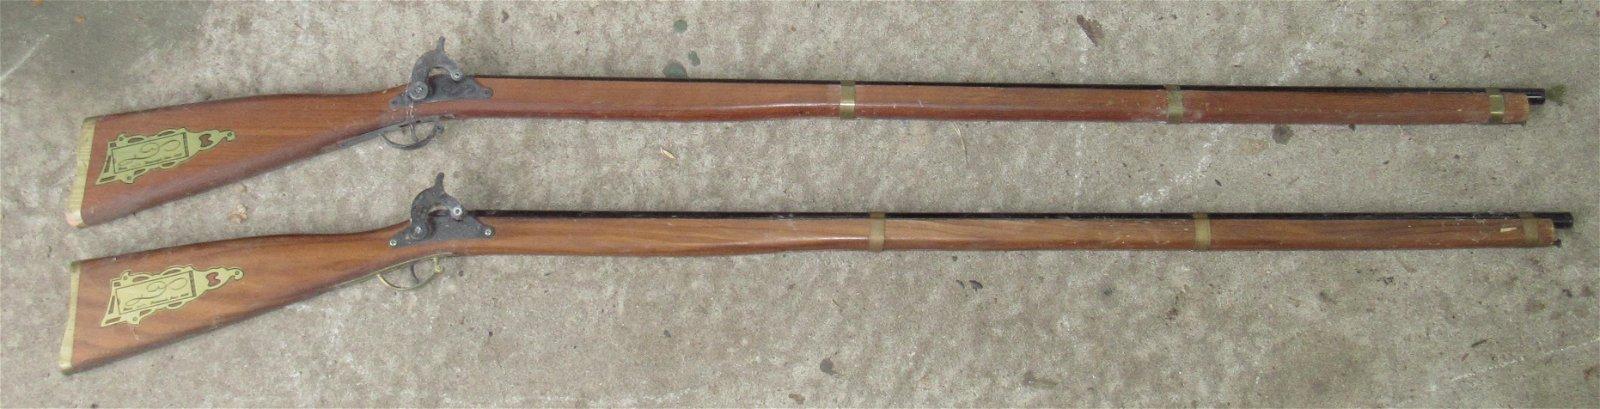 2 Parris Replica Flintlock Toy Guns